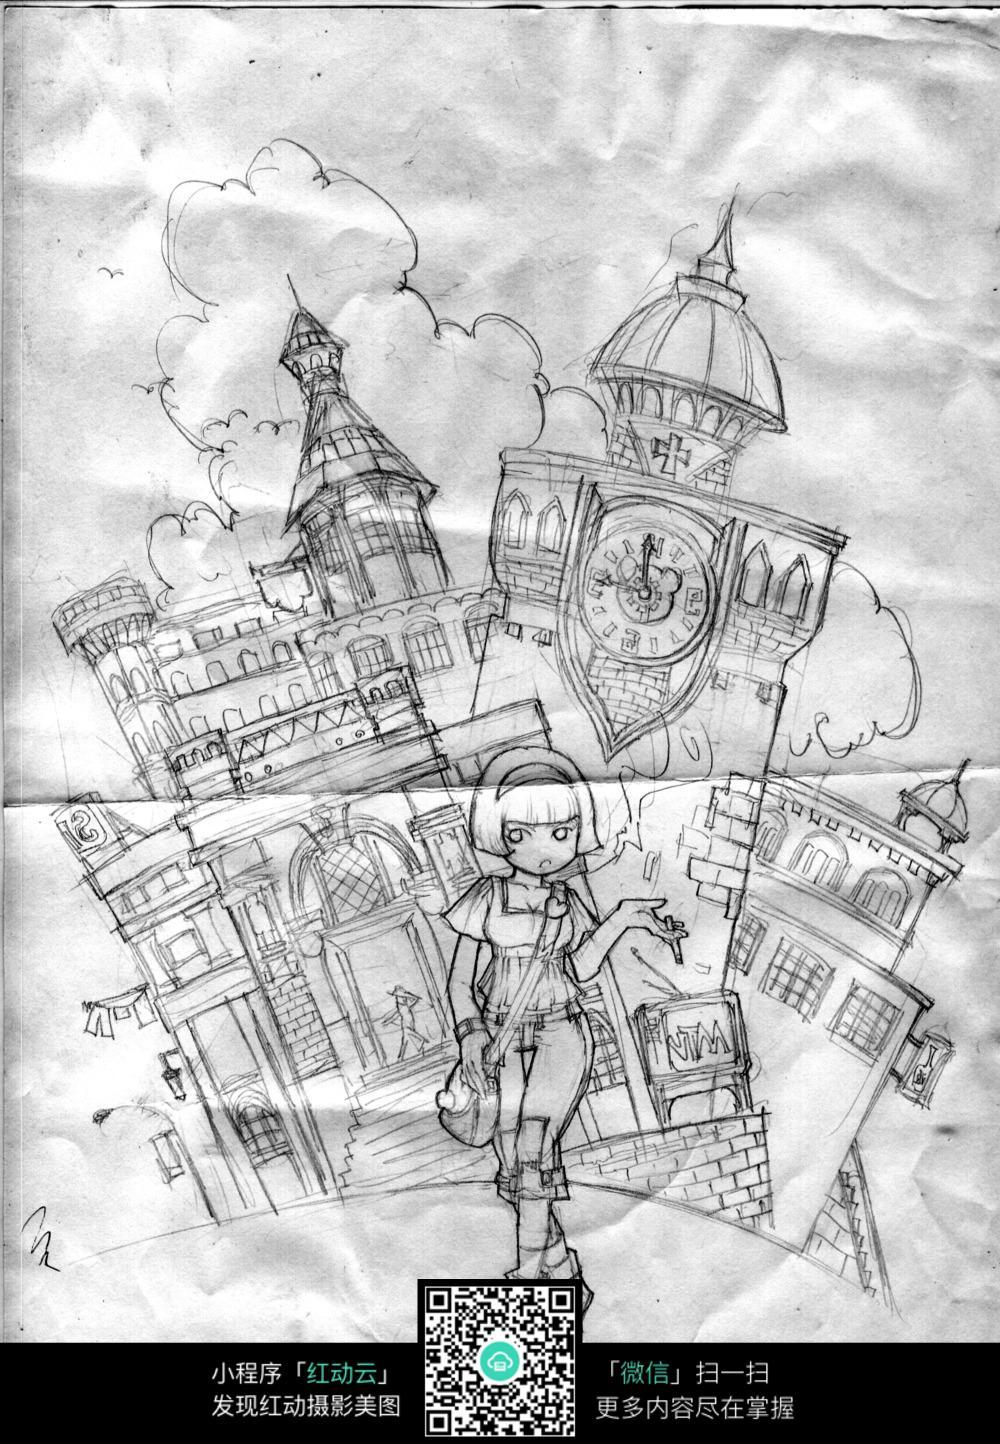 摩登女郎手绘线描